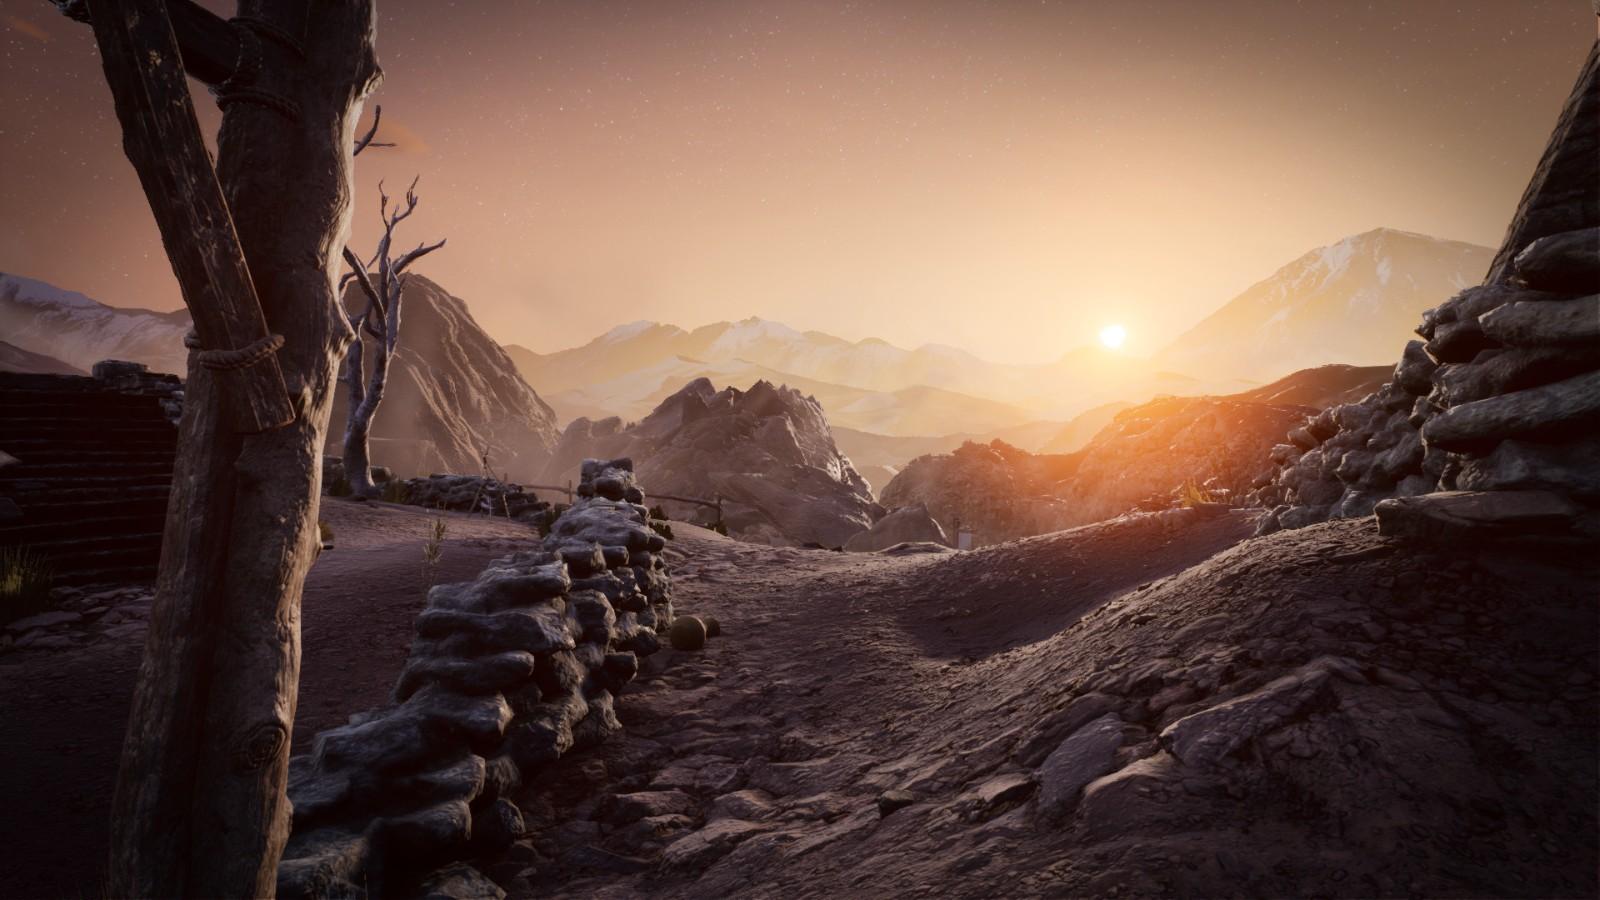 免费开放世界生存游戏《Arid》登陆Steam 获得特别好评